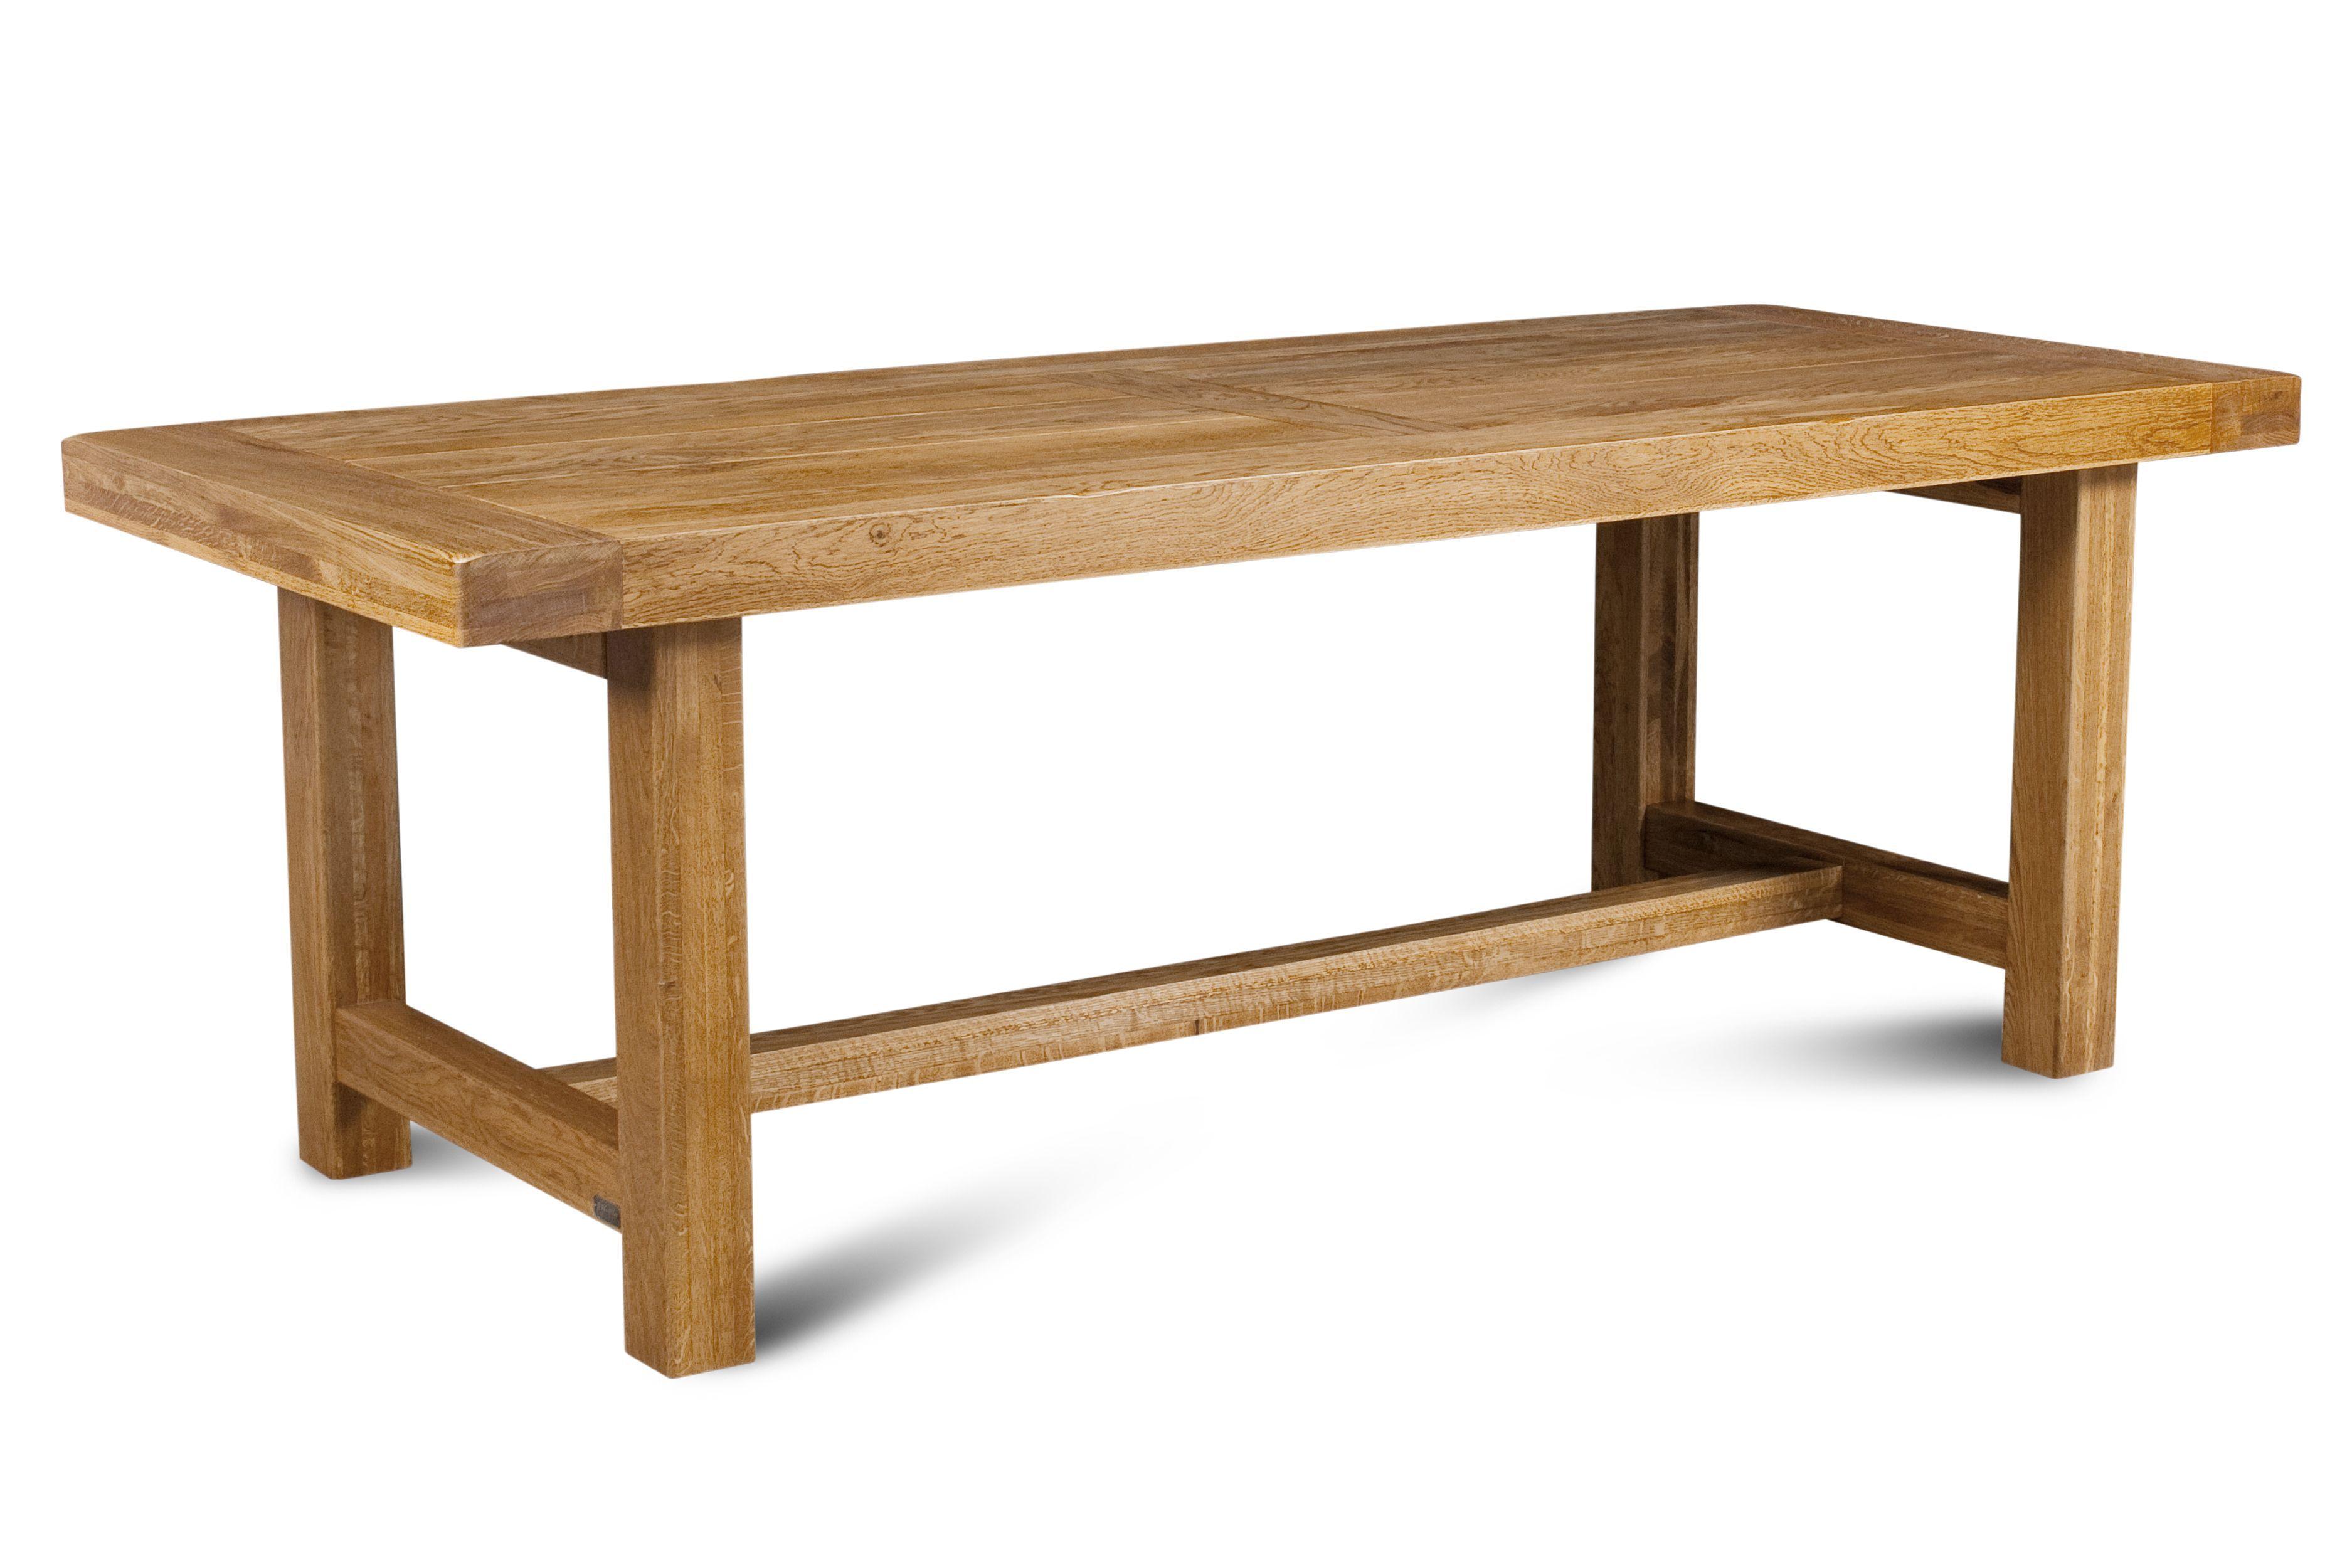 Table De Ferme En Chene Massif La Bresse 220 X 90 Hellin En 2020 Table De Ferme Fabrication Table Et Table En Chene